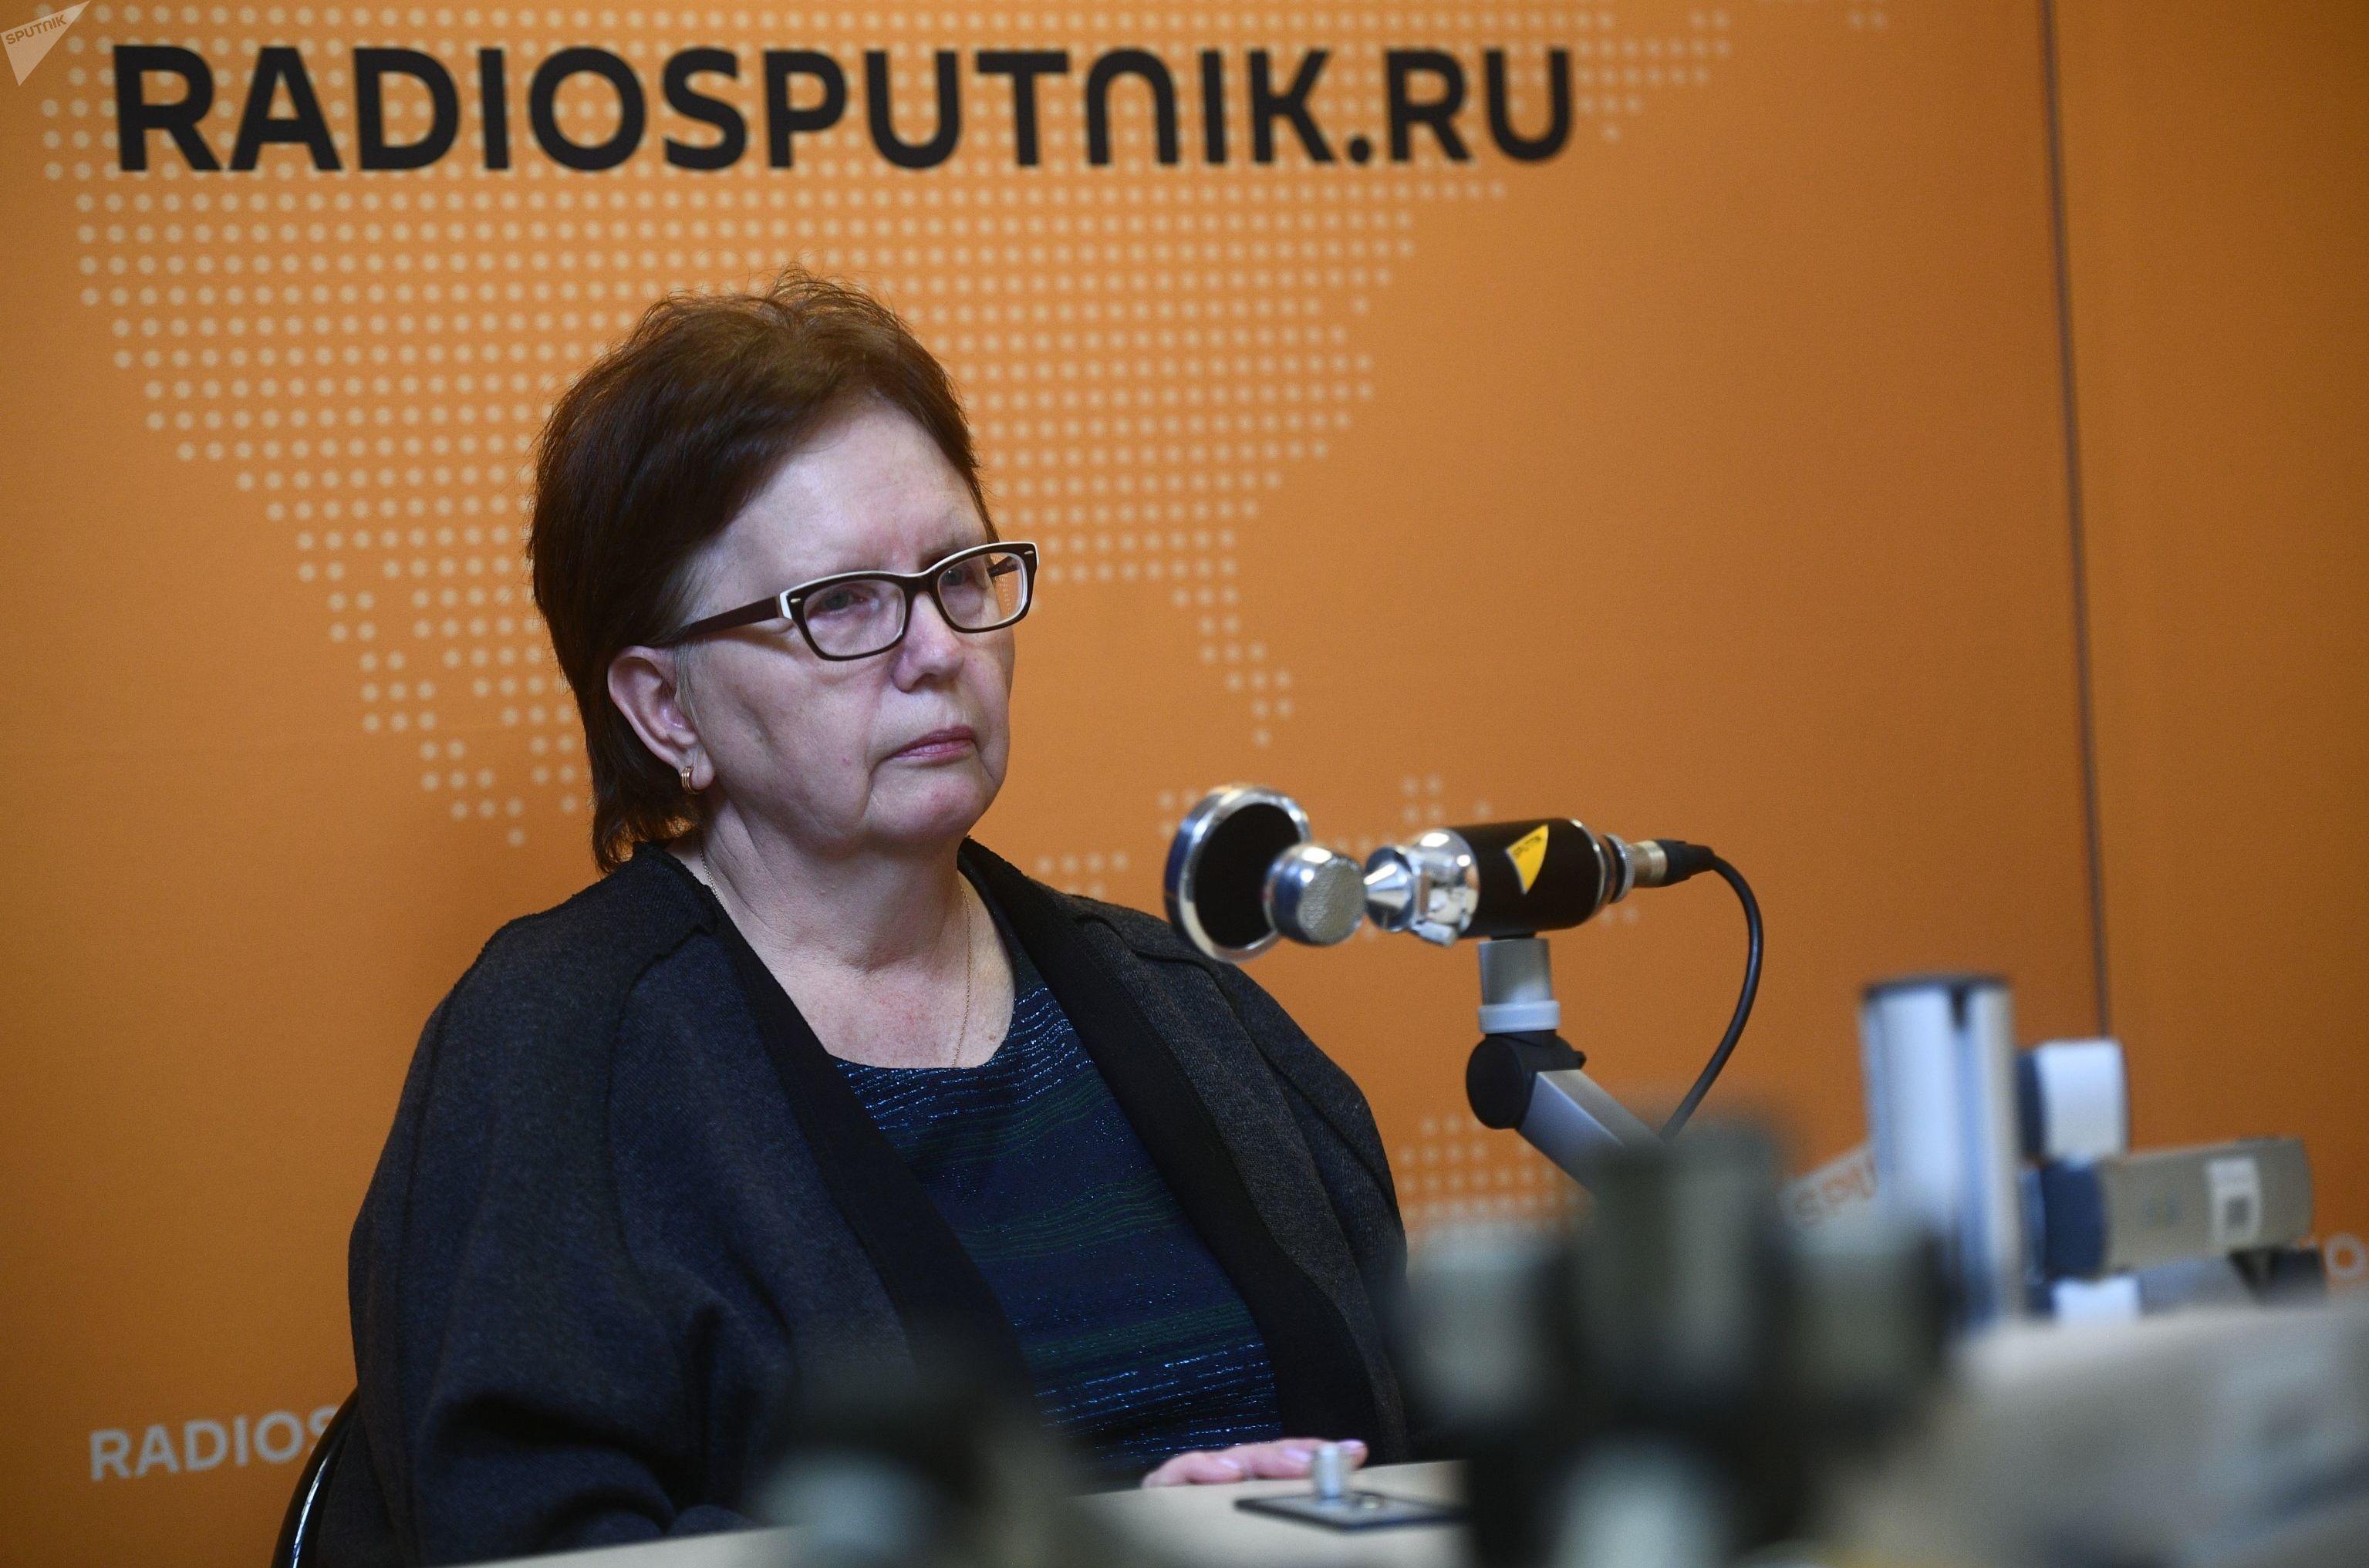 Vera Stenina, mãe do fotojornalista da agência internacional MIA Rossiya Segodnya, Andrei Stenin, morto em 6 de agosto de 2014 no leste da Ucrânia